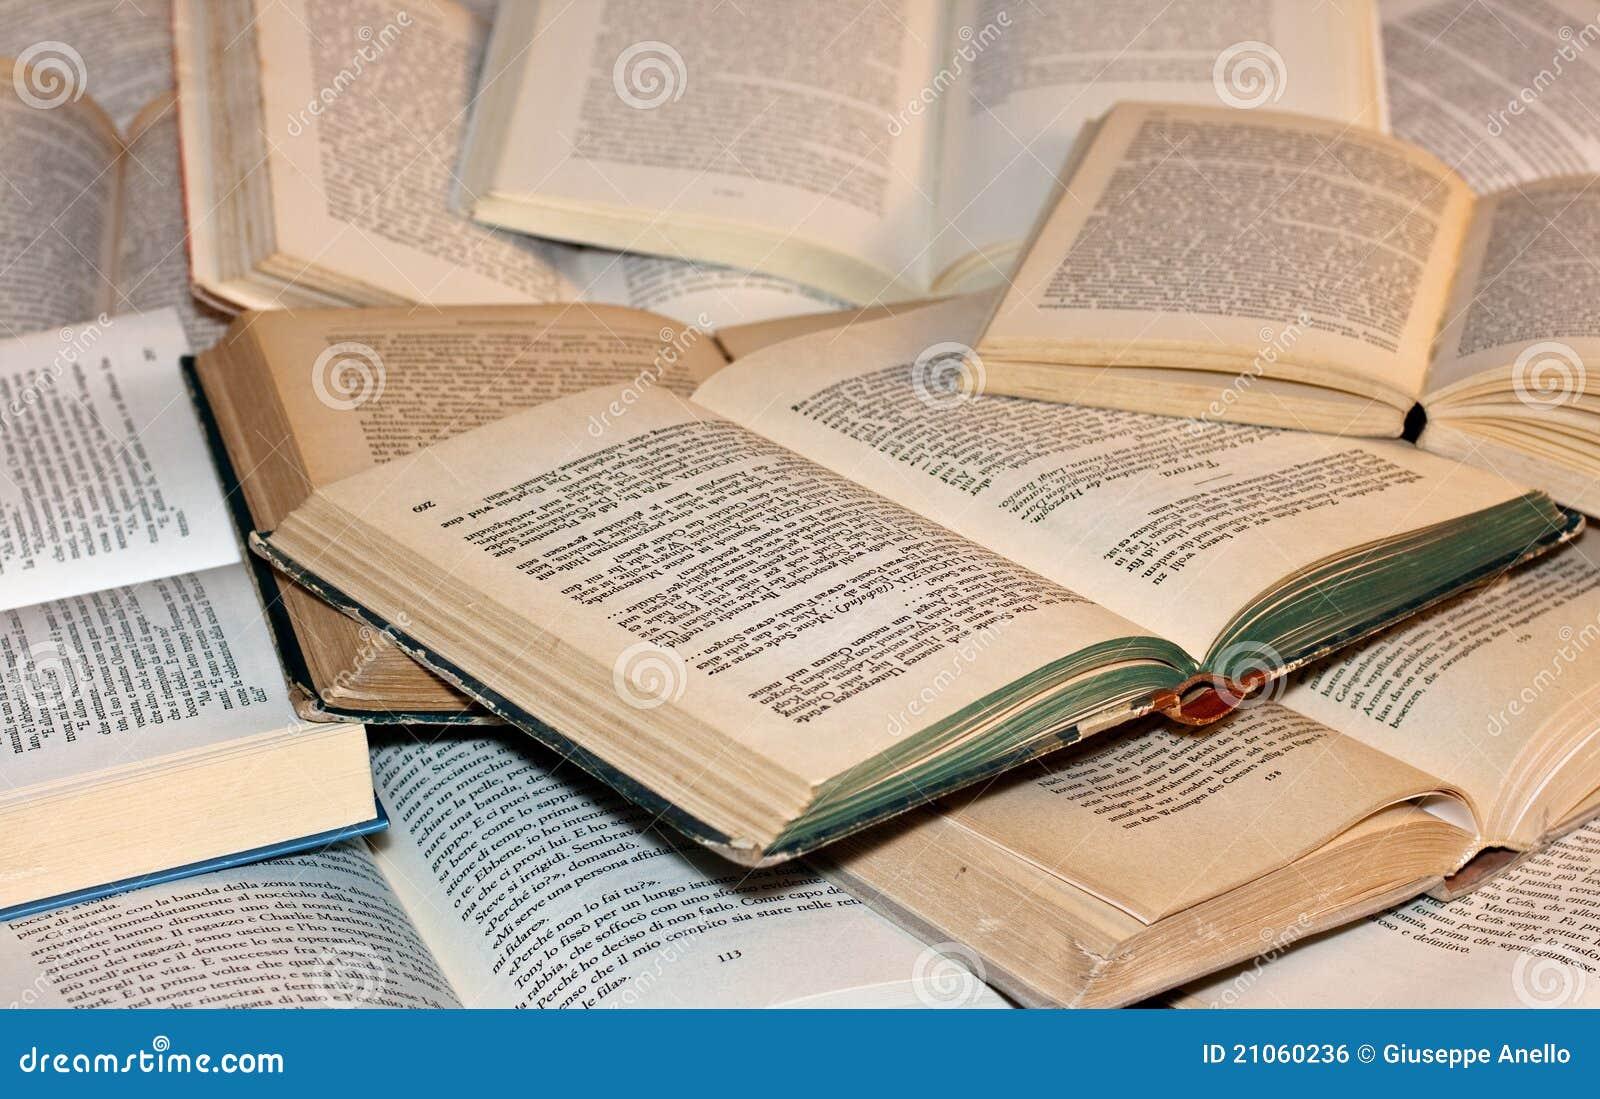 Öffnen Sie Bücher